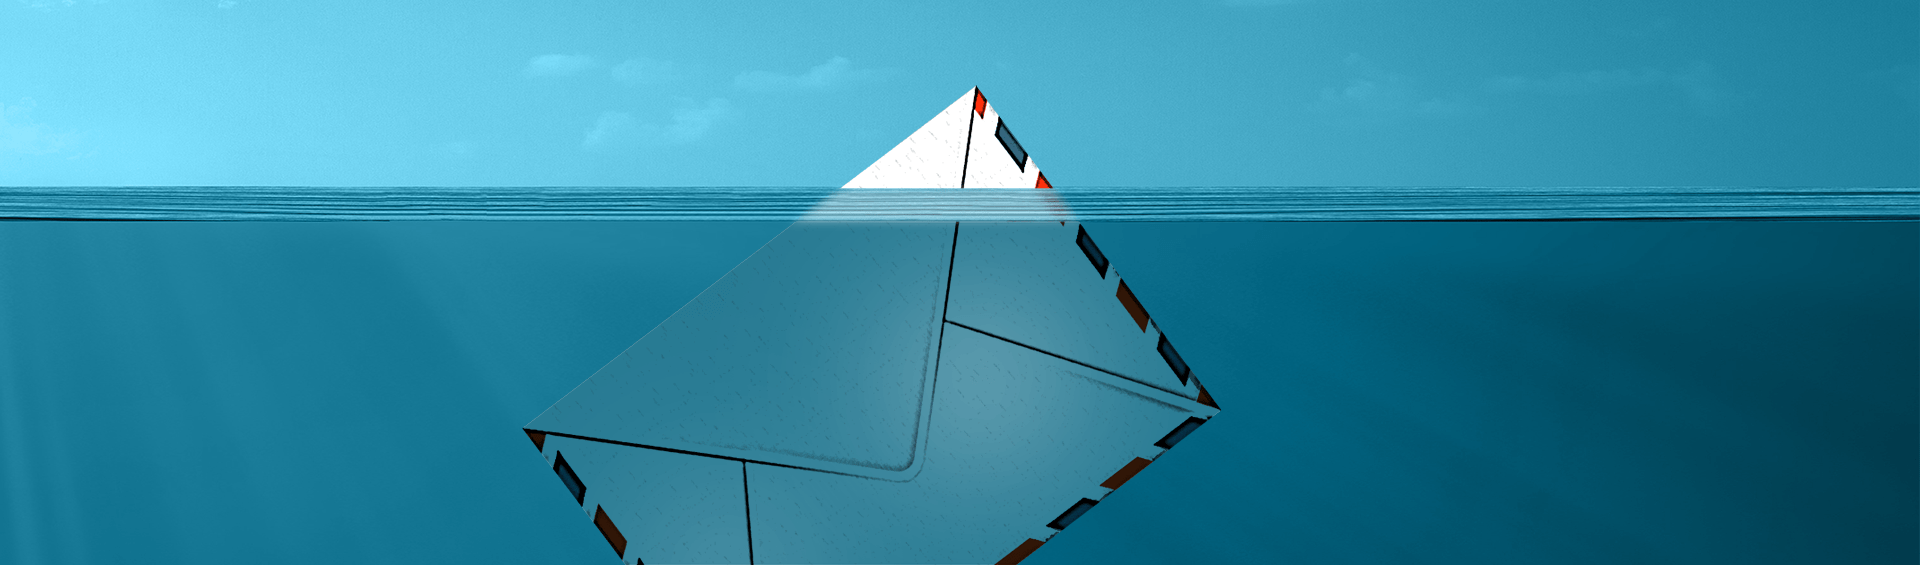 Gmail обрезает письма